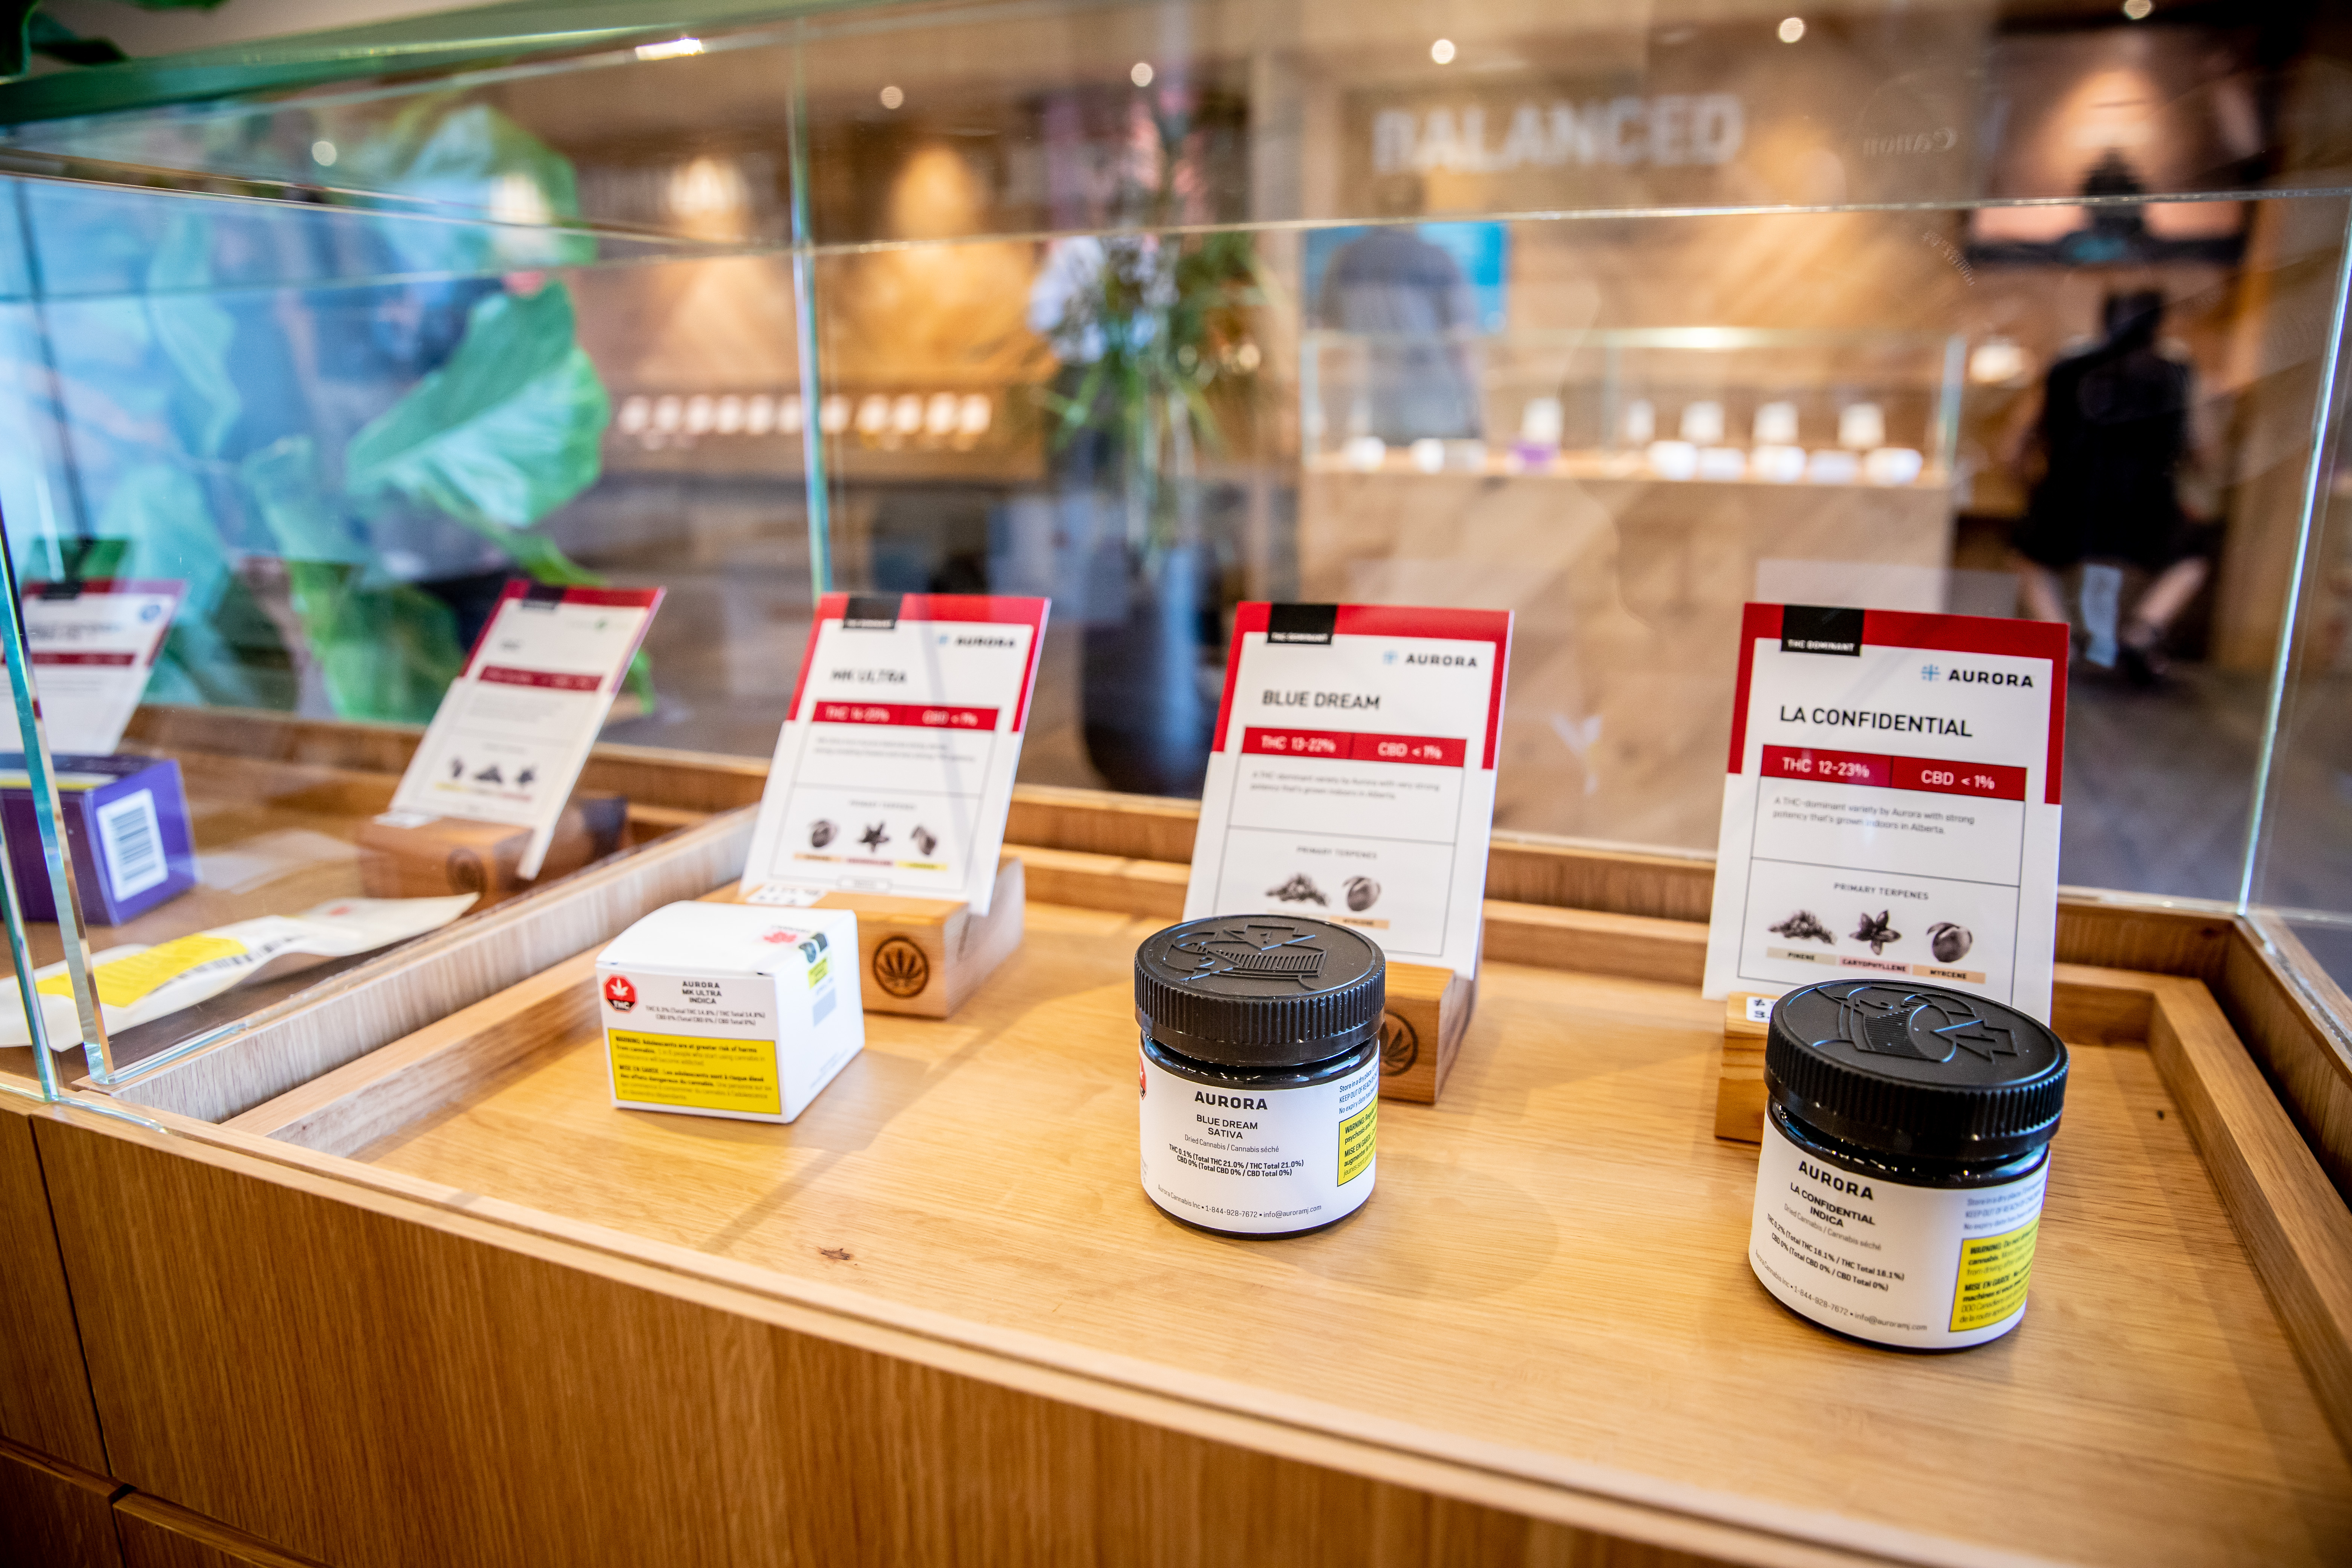 aurora cannabis choom retail display